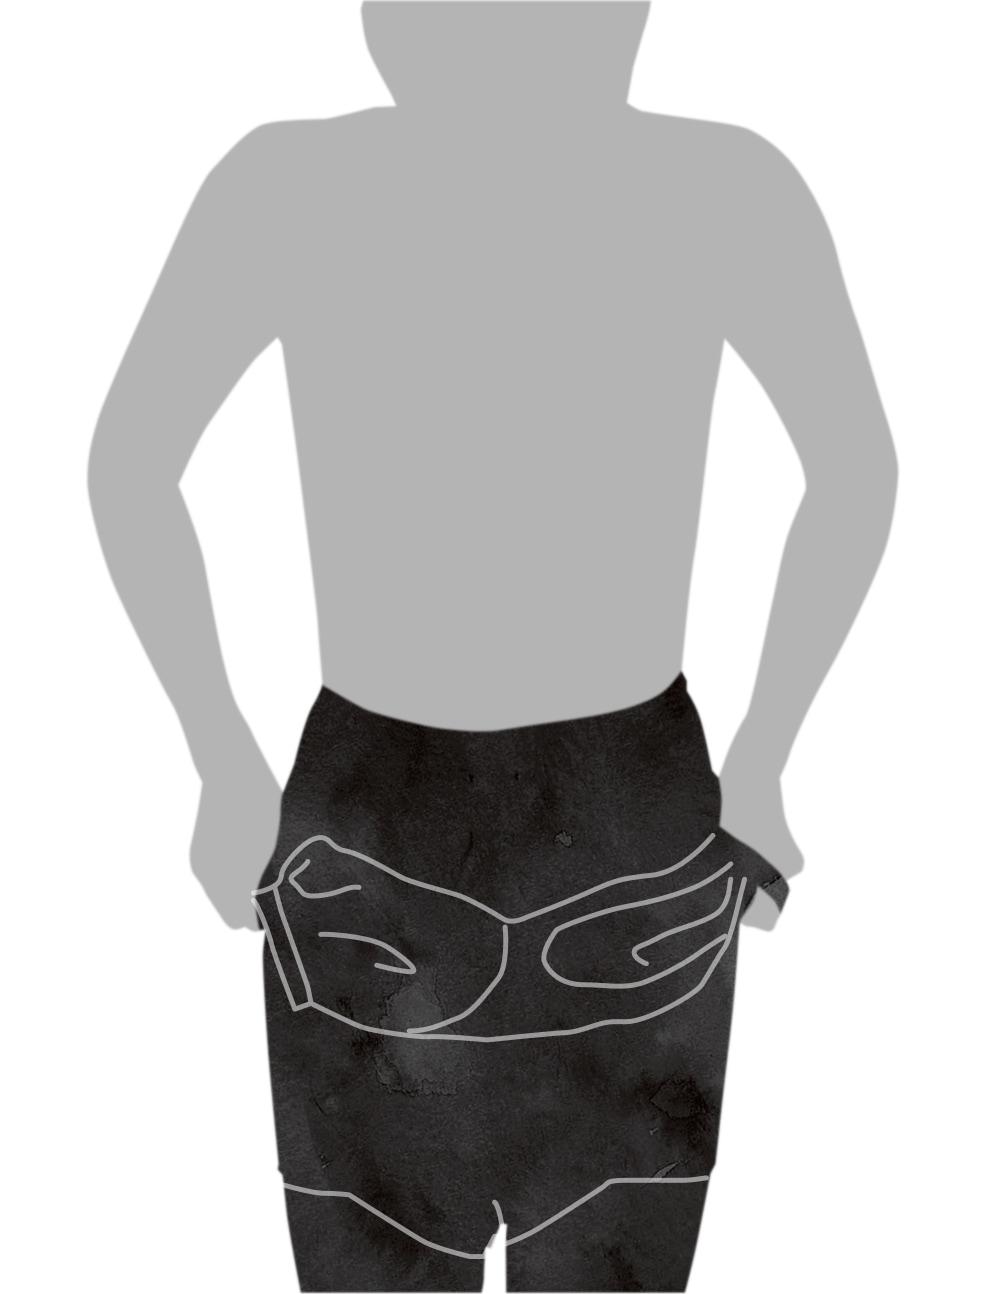 ボディスーツの着用方法-1